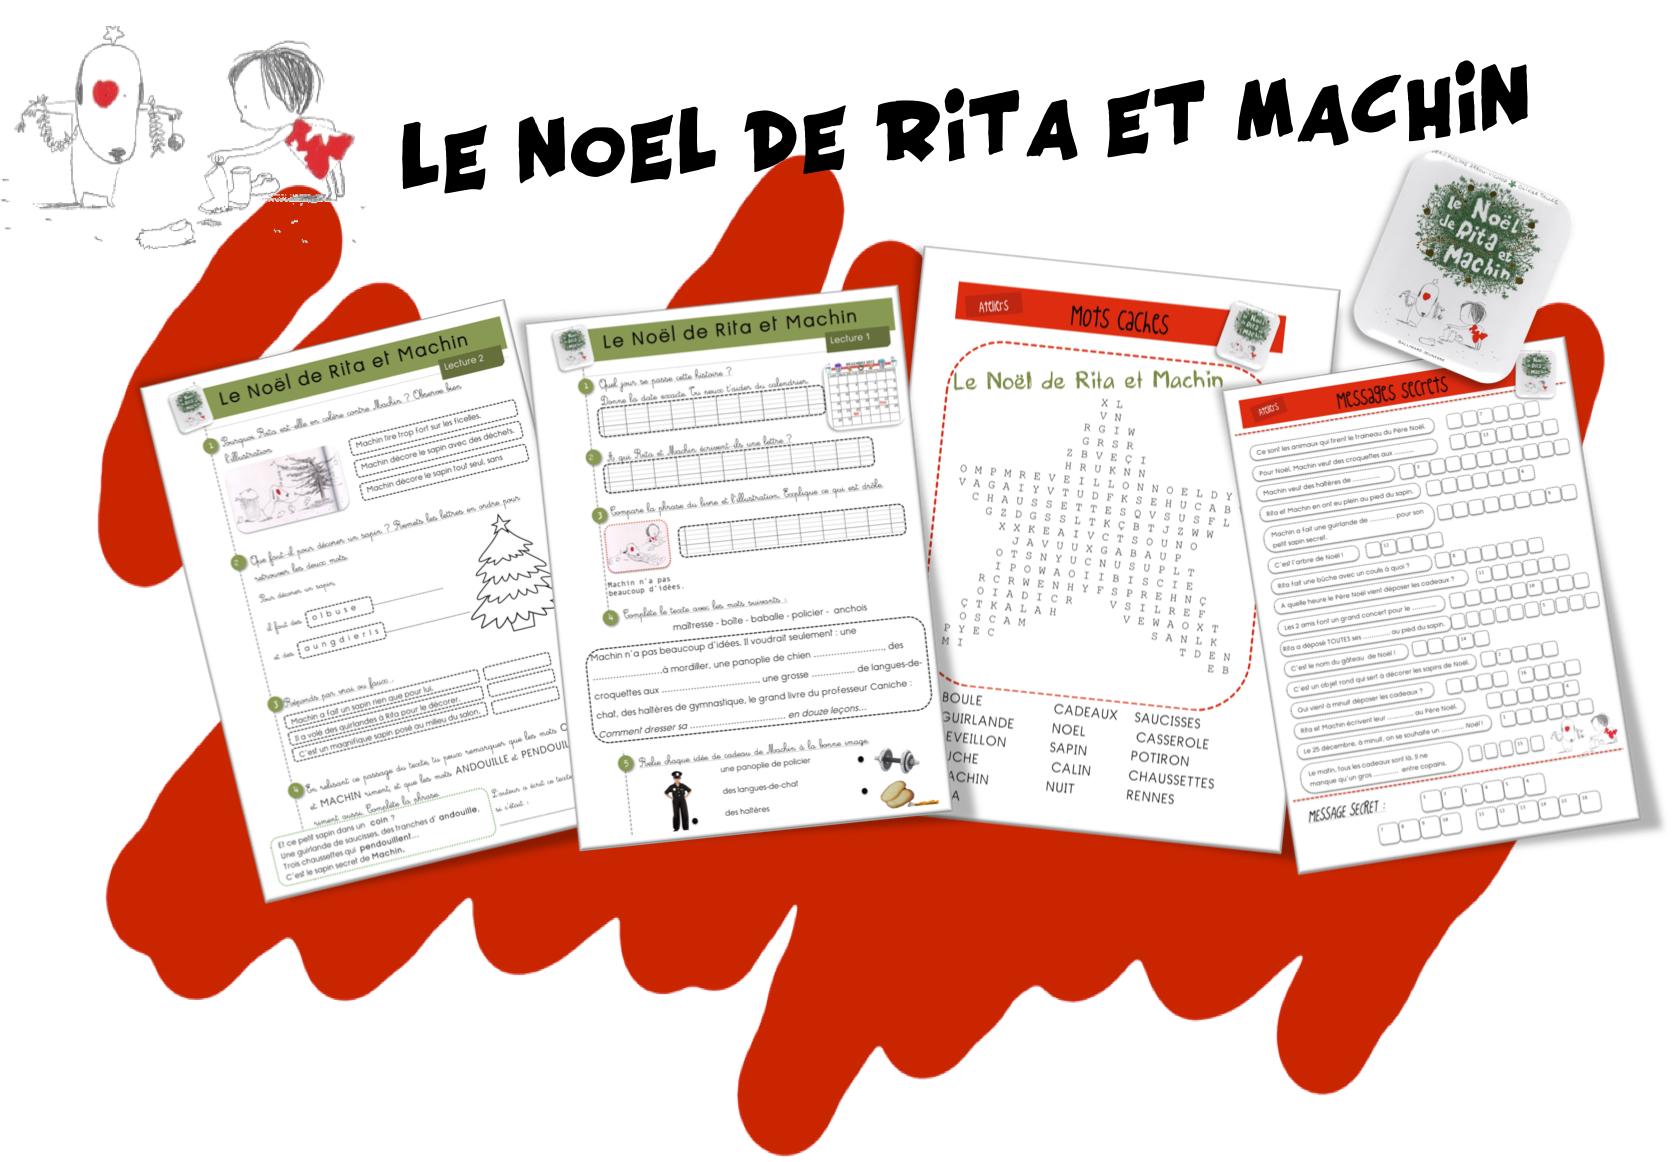 #C92401 Noël: Lecture Bricolage Recette Anglais… Bout De Gomme 5665 idée déco noel cycle 3 1673x1162 px @ aertt.com